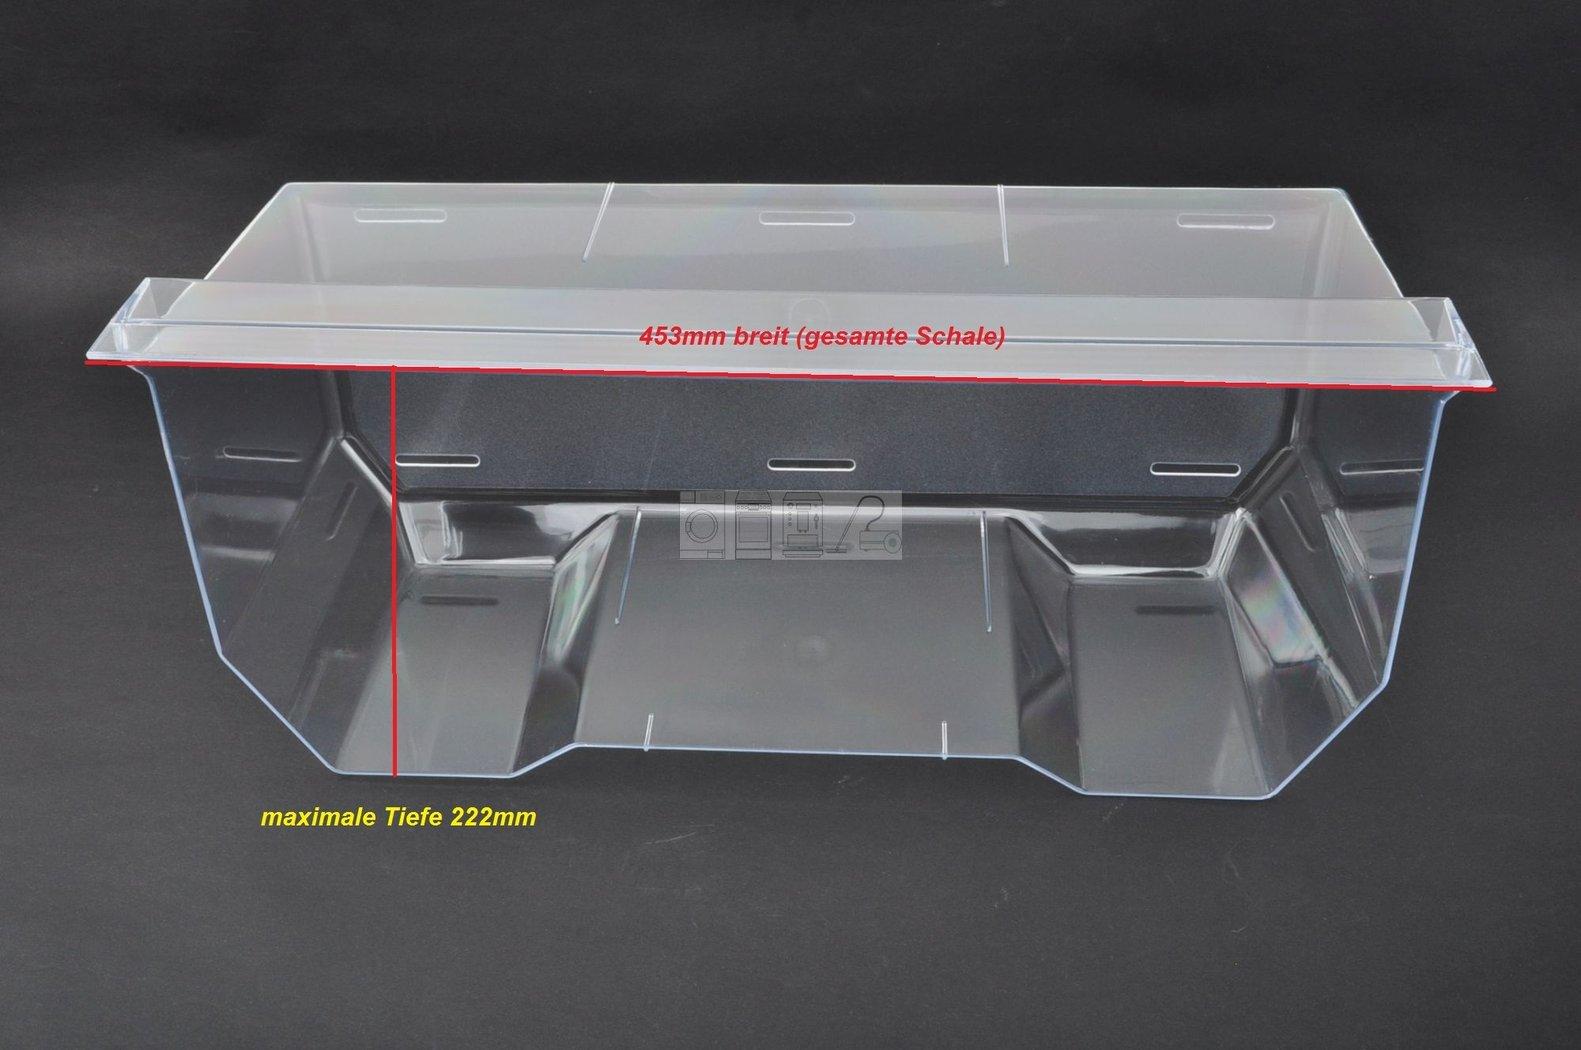 Aeg Kühlschrank Ersatzteile Schublade : Küchen ersatzteile schublade computer tisch haus dekoration